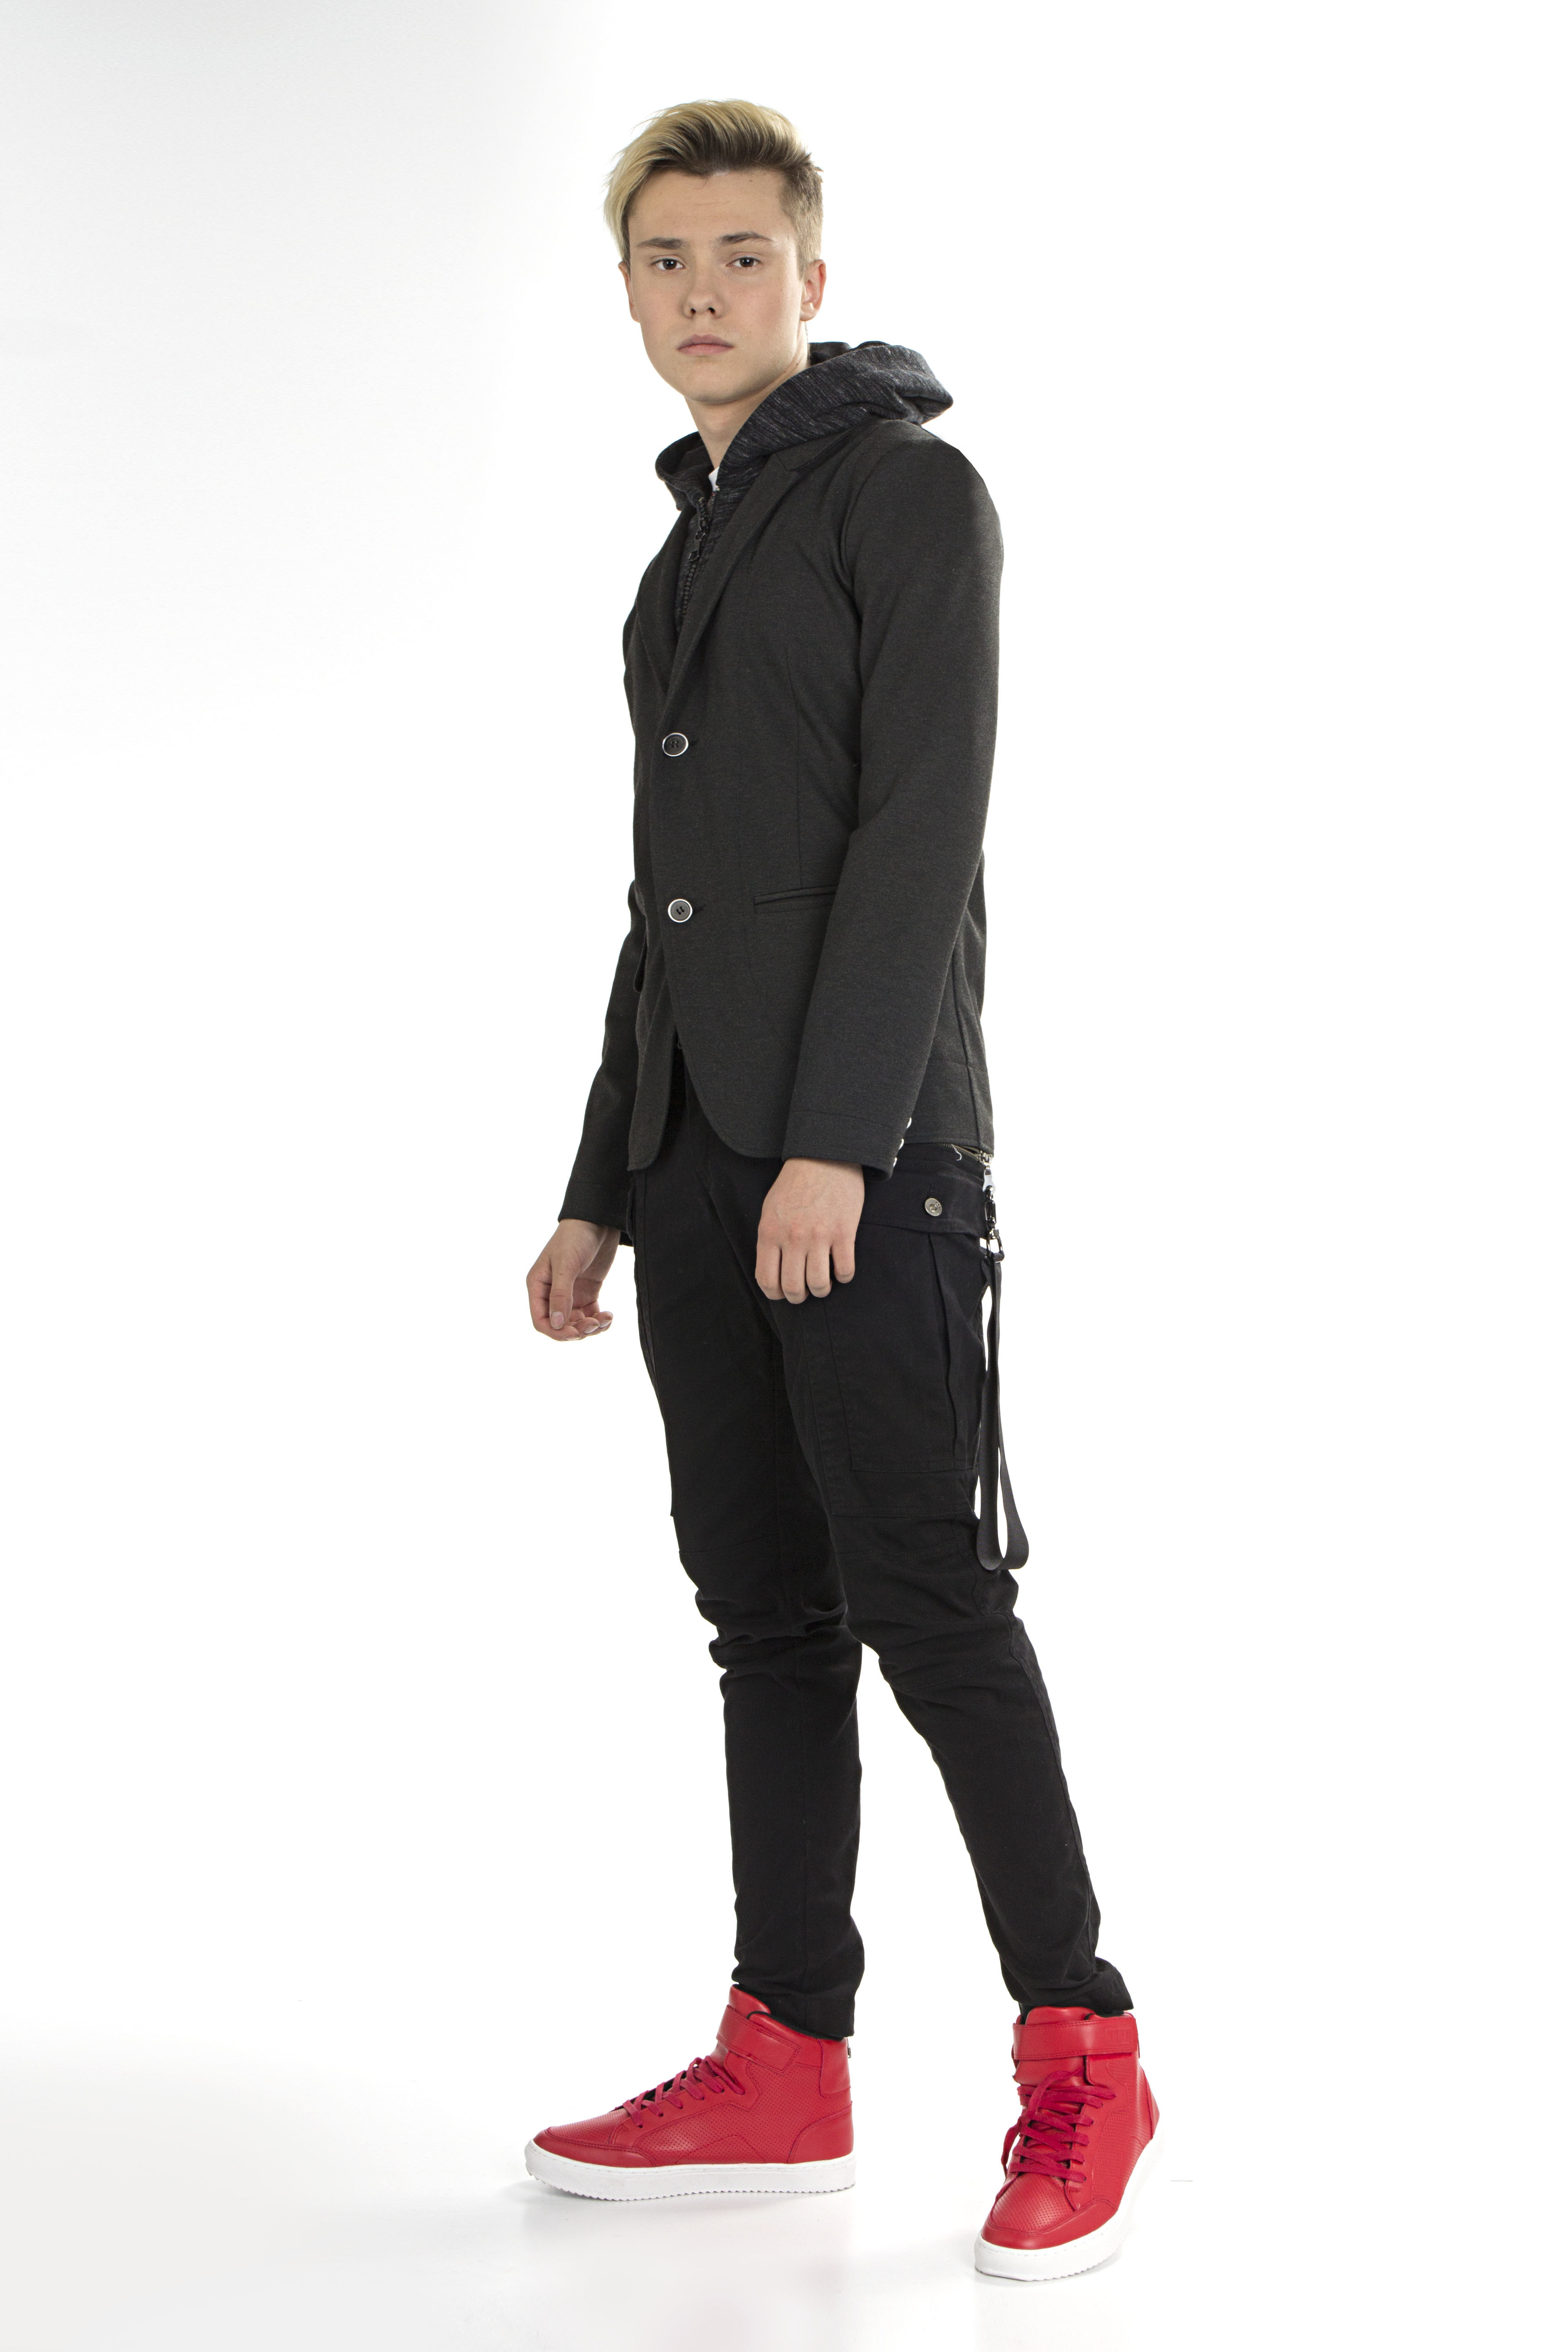 Пиджак для мальчика YSSB158-02